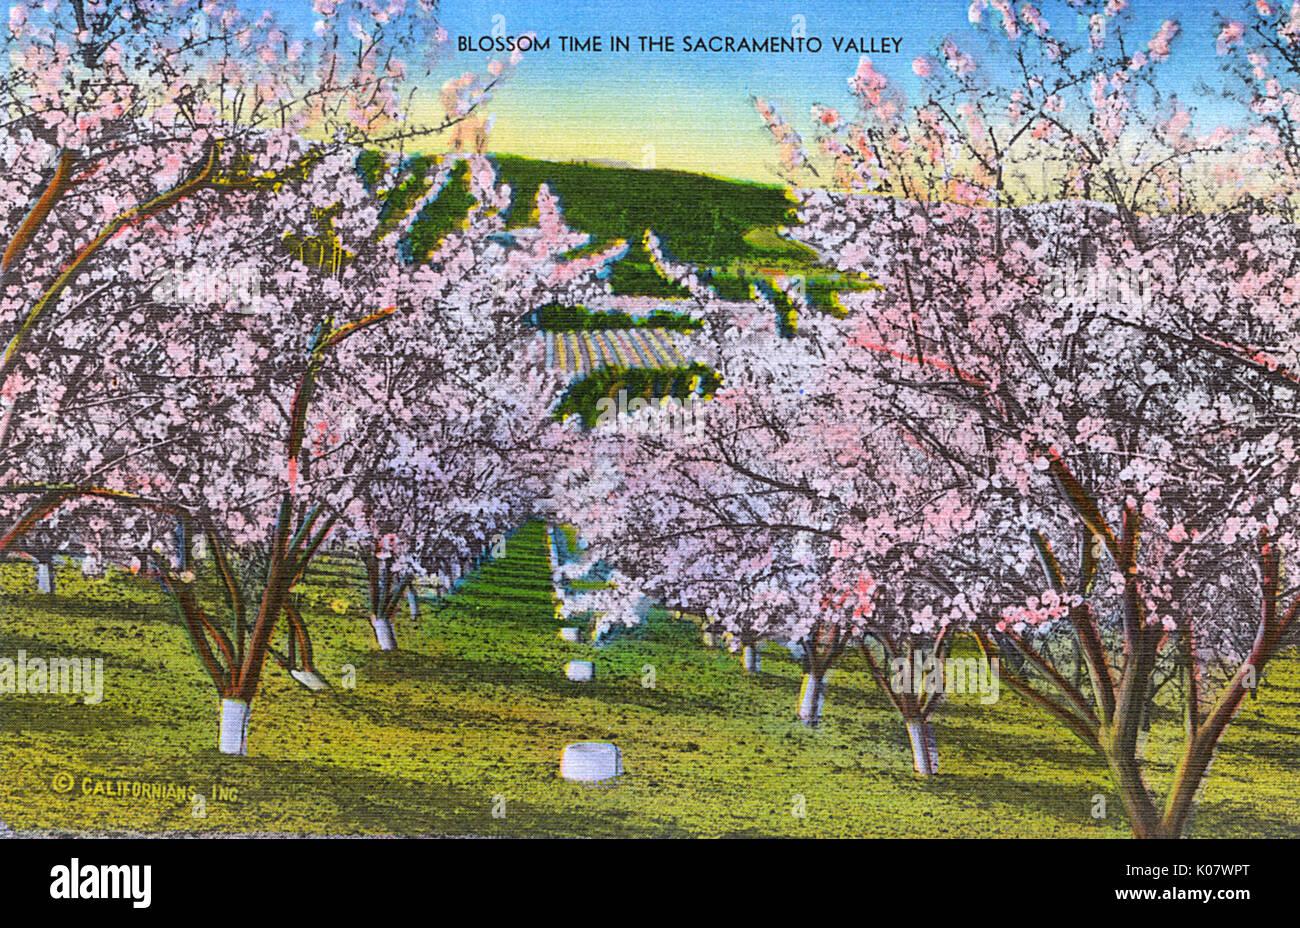 Sacramento, California, USA - Blossom time